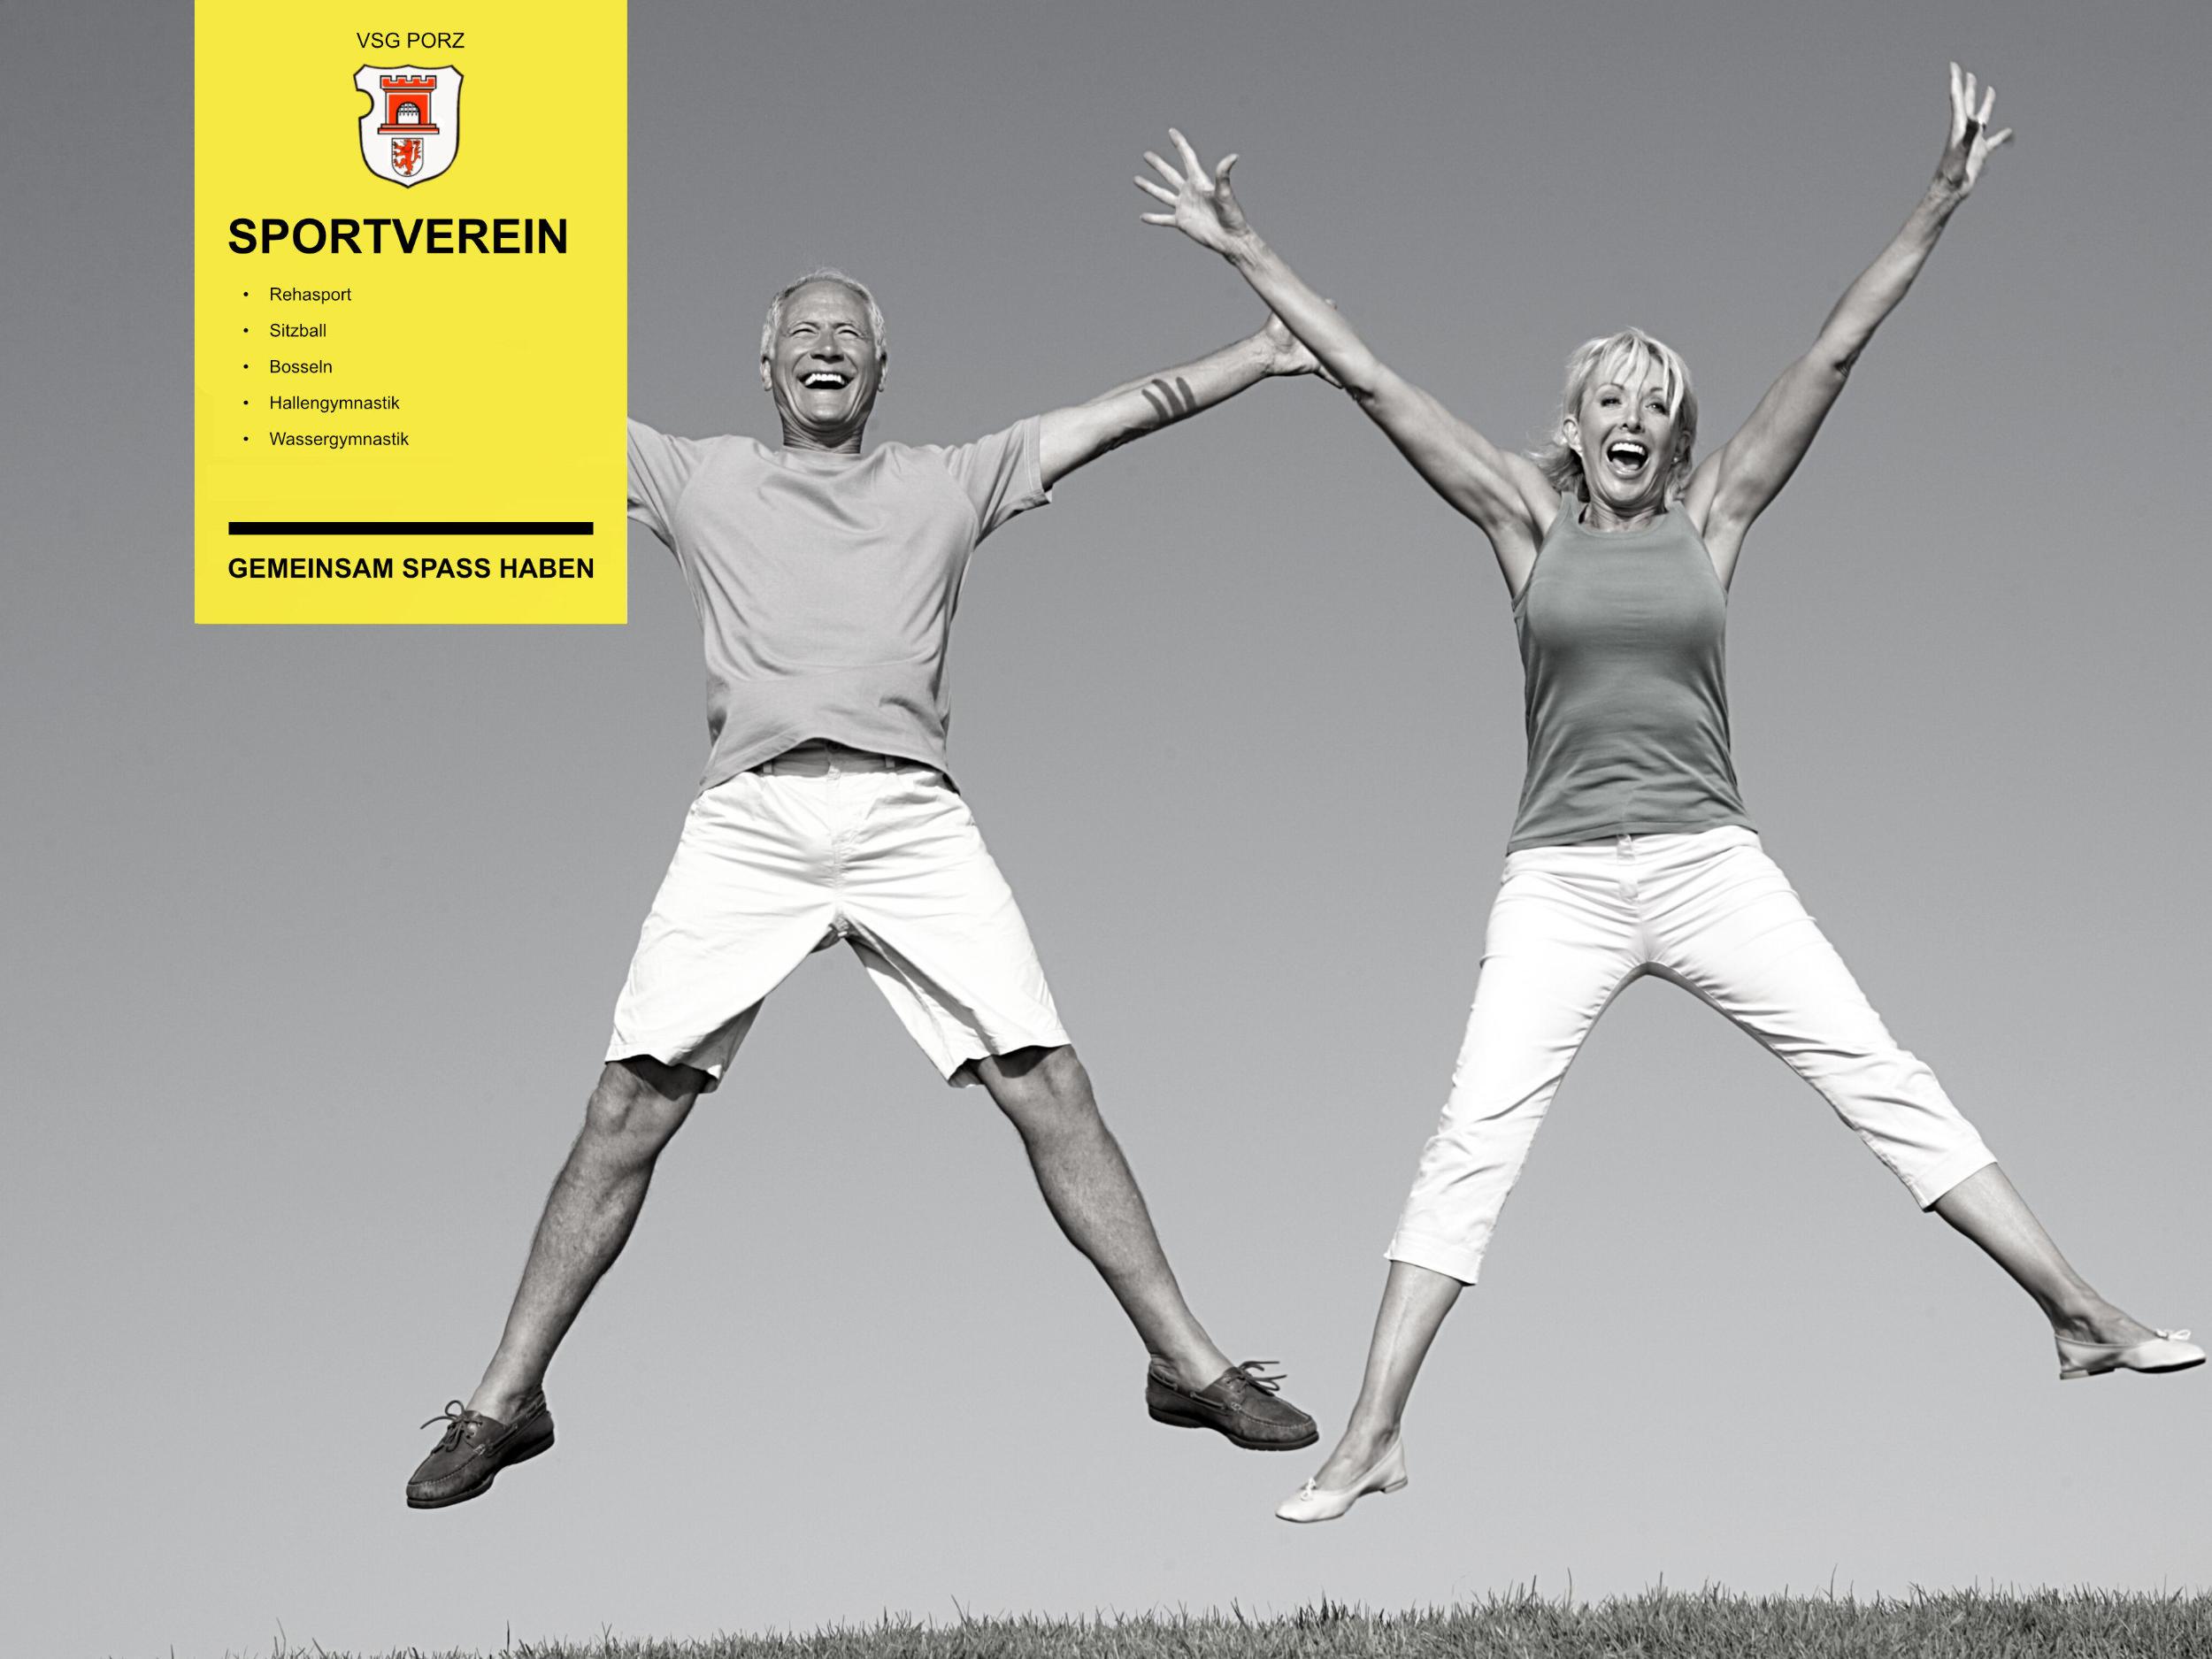 Sportverein VSG Porz - Headerbild - Startseite